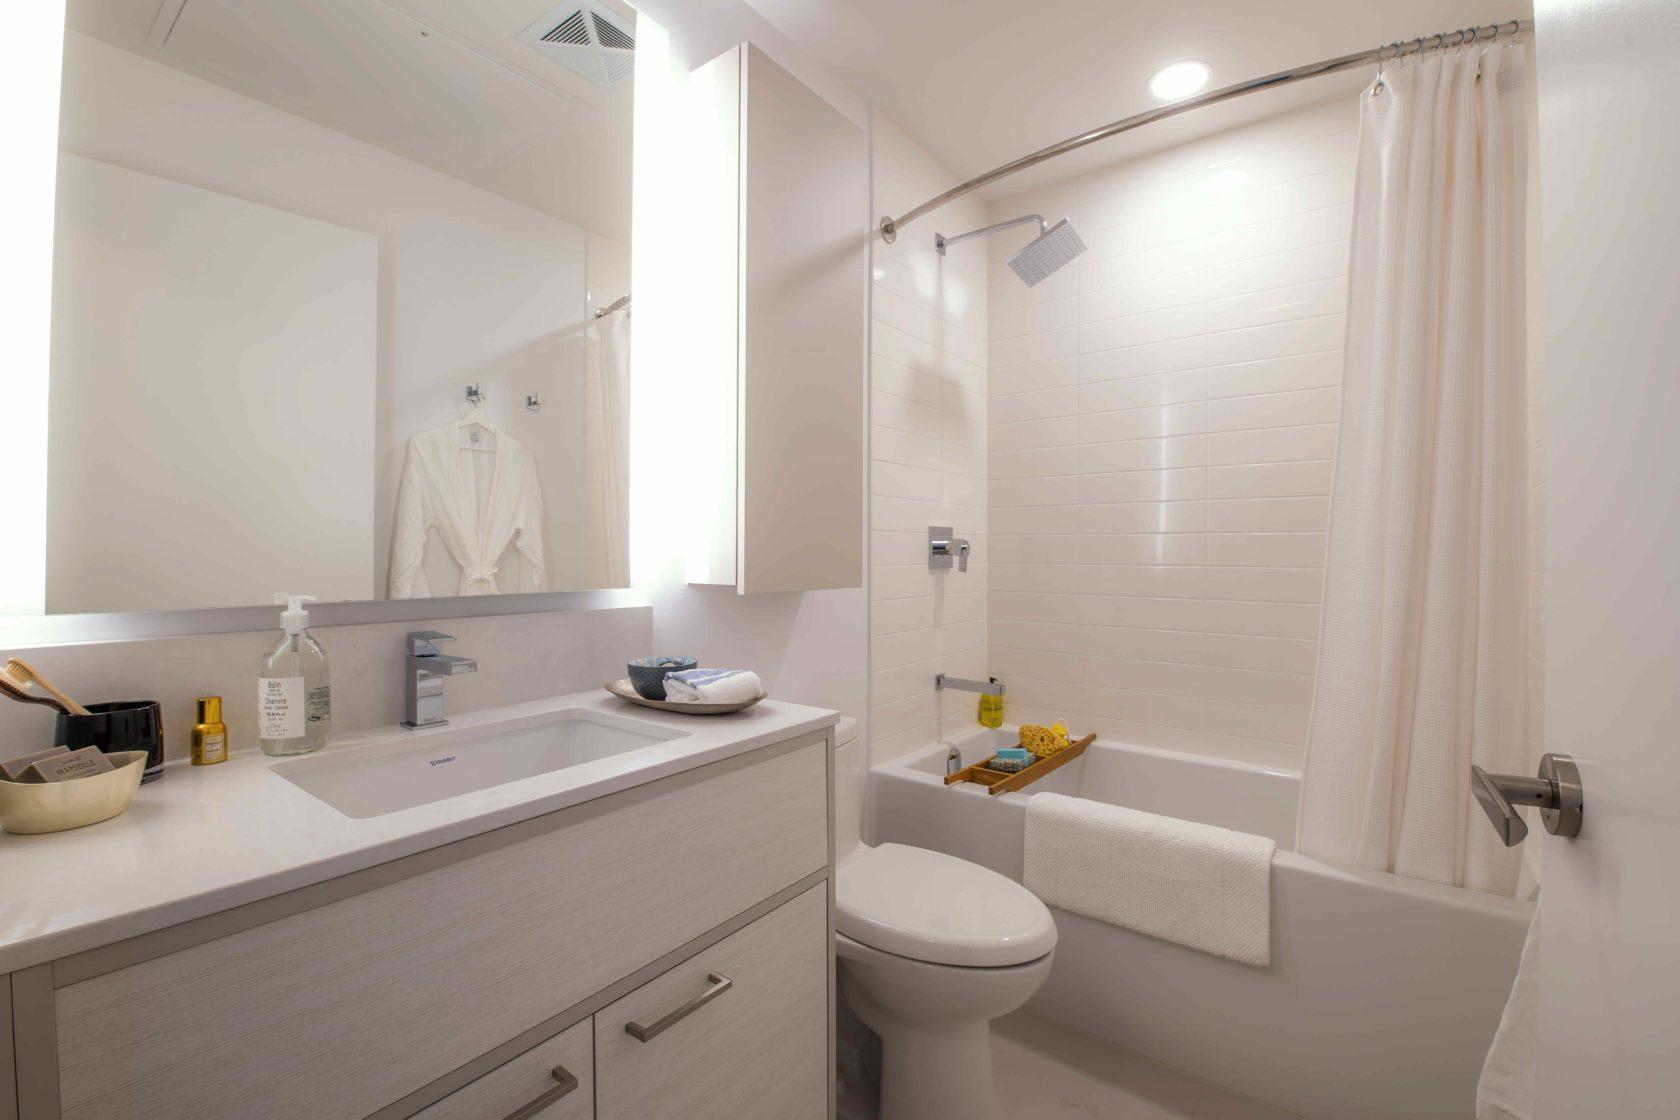 Livmore Suite Bathroom